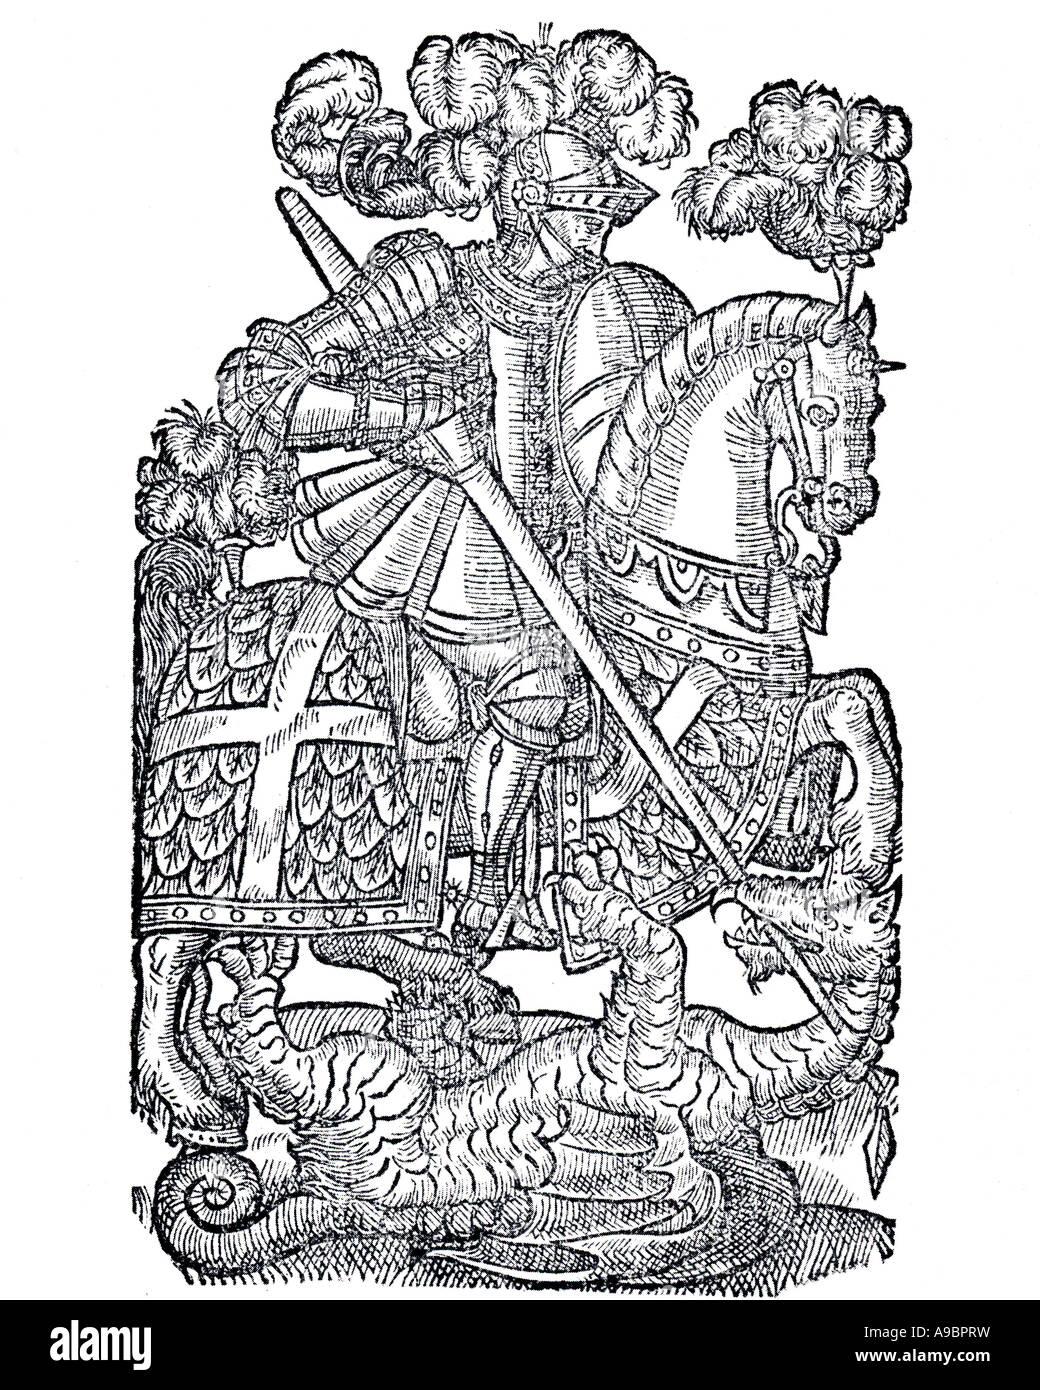 Rainha das Fadas - xilogravura a partir da edição de 1590 o poema épico por Edmund Spenser Imagens de Stock